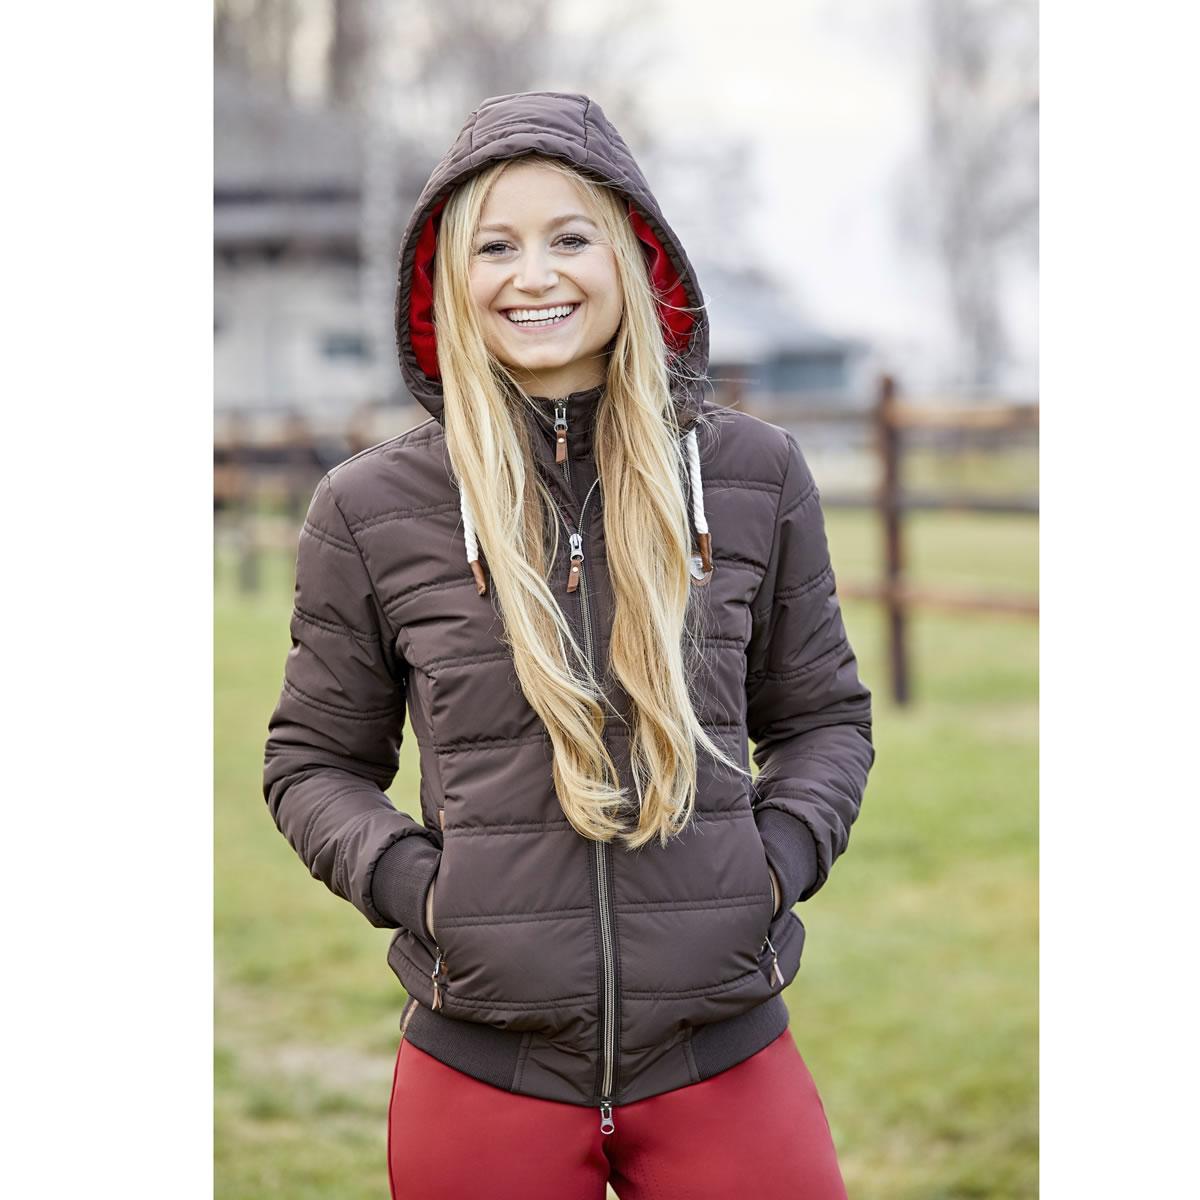 乗馬 ジャケット ベスト コート アウター 乗馬用ウエア Covalliero カーラ ウインター ジャケット レディース 乗馬用品 馬具